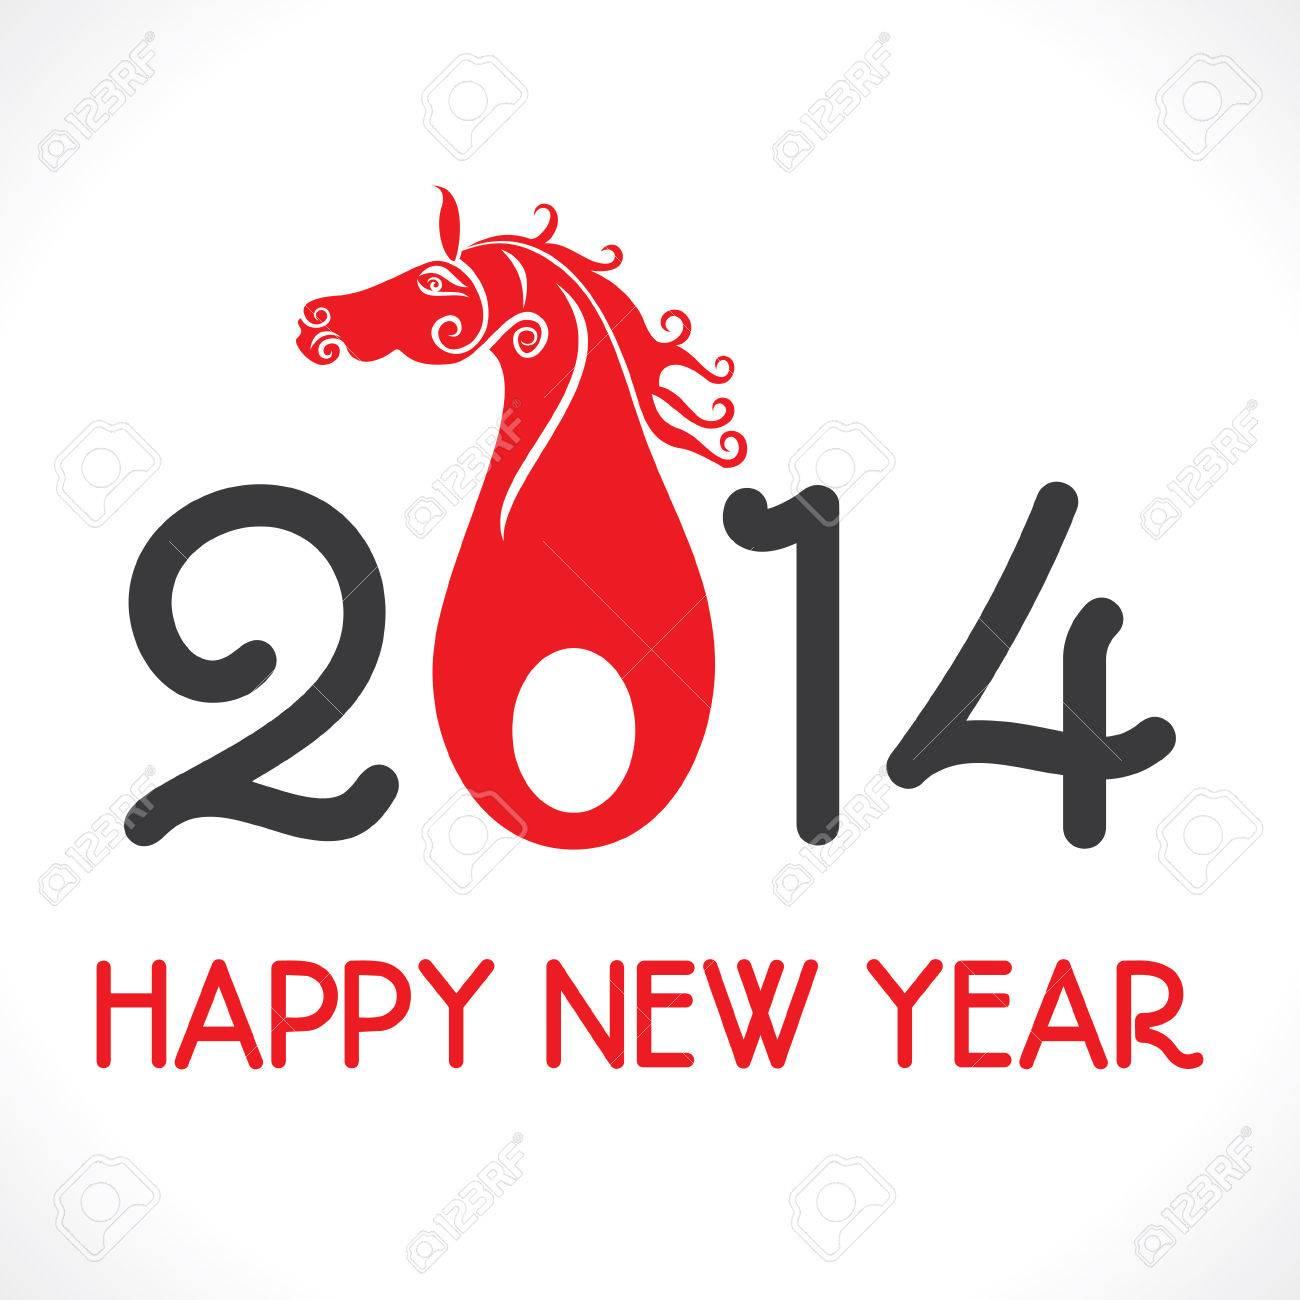 Frohes Neues Jahr 2014 Gruß Hintergrund Vektor Lizenzfrei Nutzbare ...